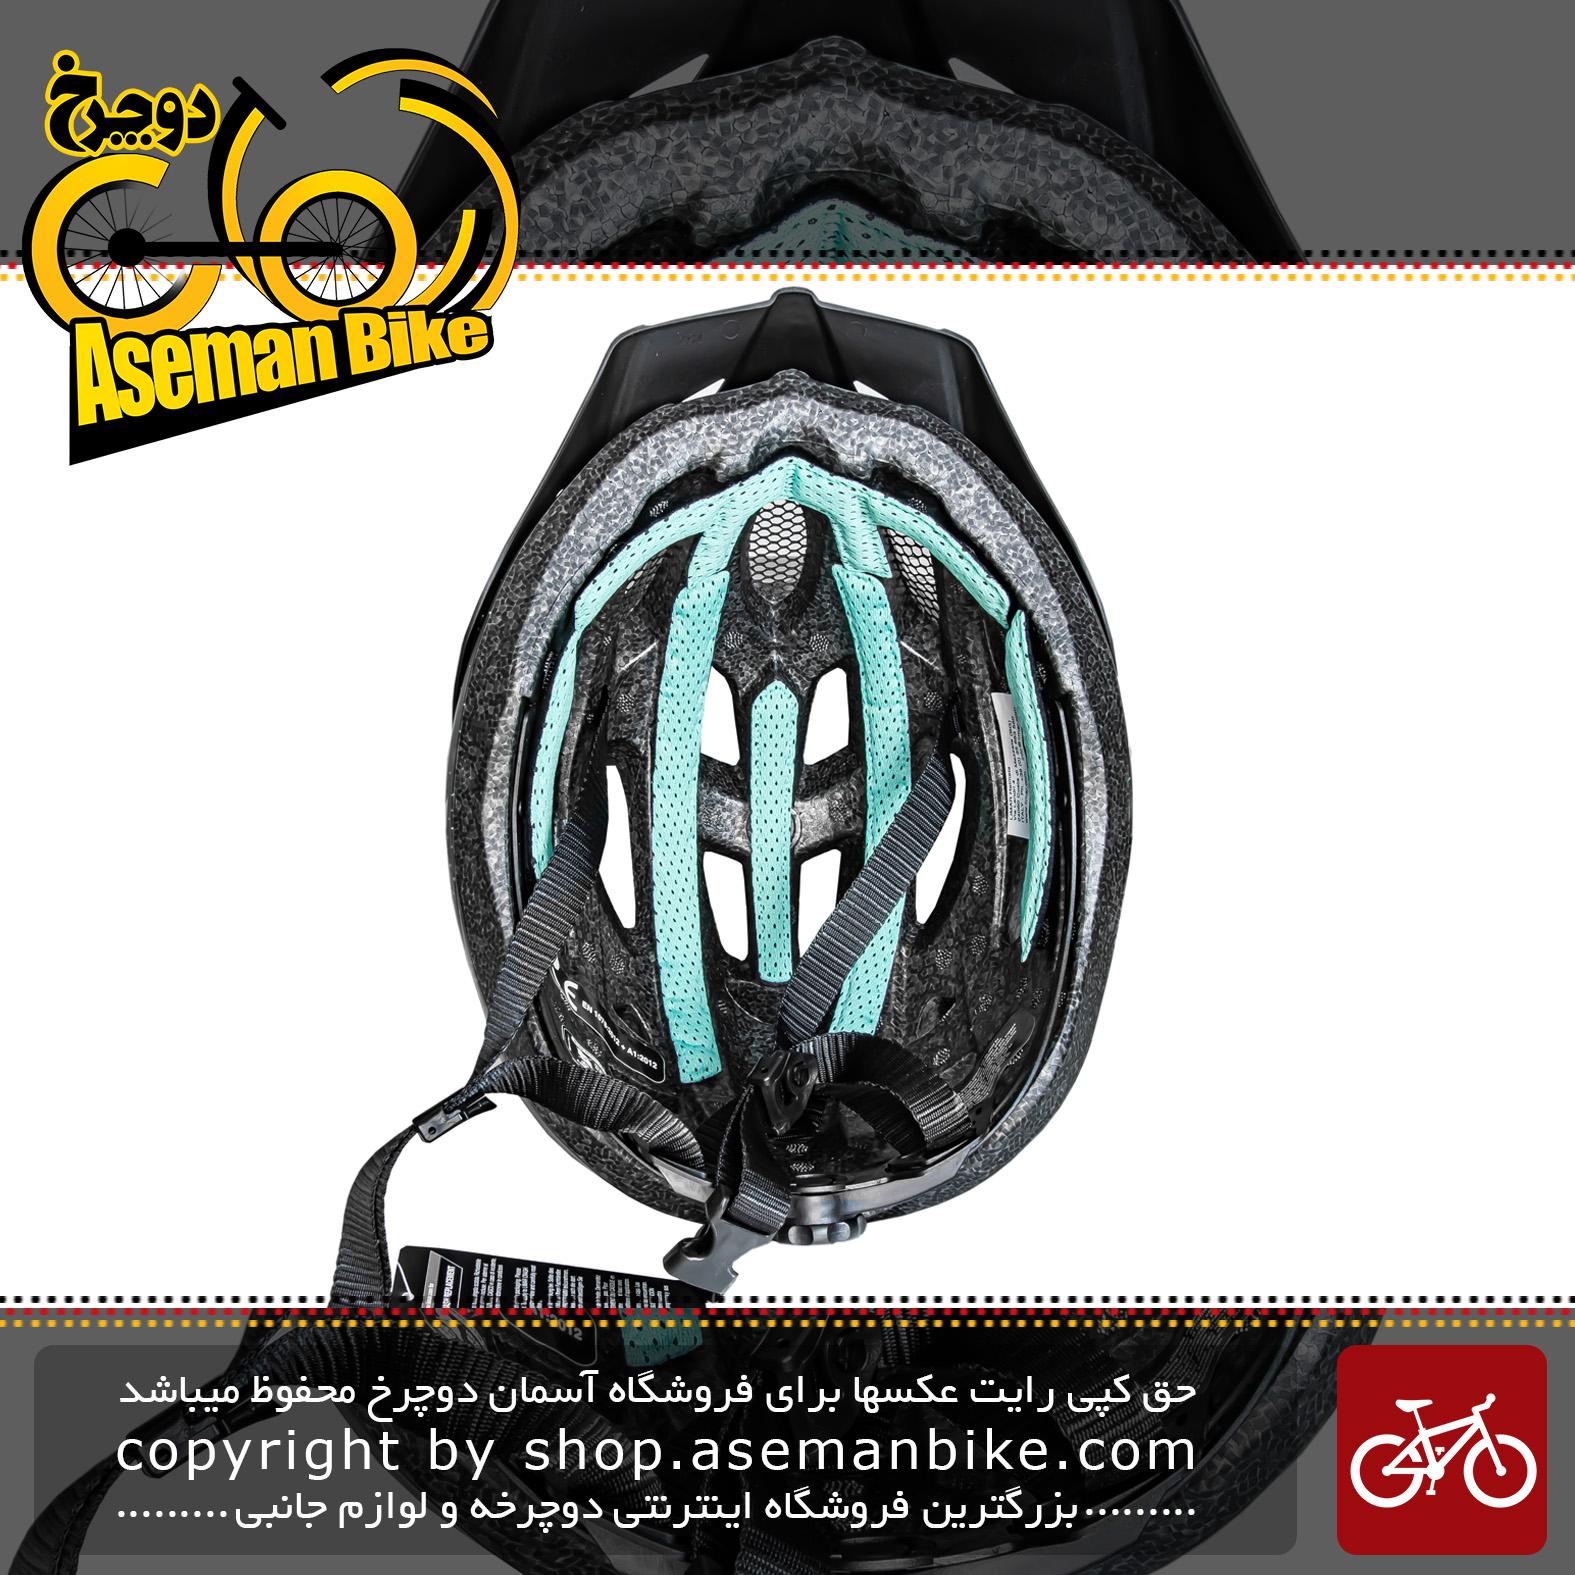 کلاه دوچرخه سواری لیمار مدل DELTA مشکی مات برند ایتالیایی سایز 52 تا 57 سانتی متر Limar Helmet Bicycle Delta 52-57 CM BLACK Matte